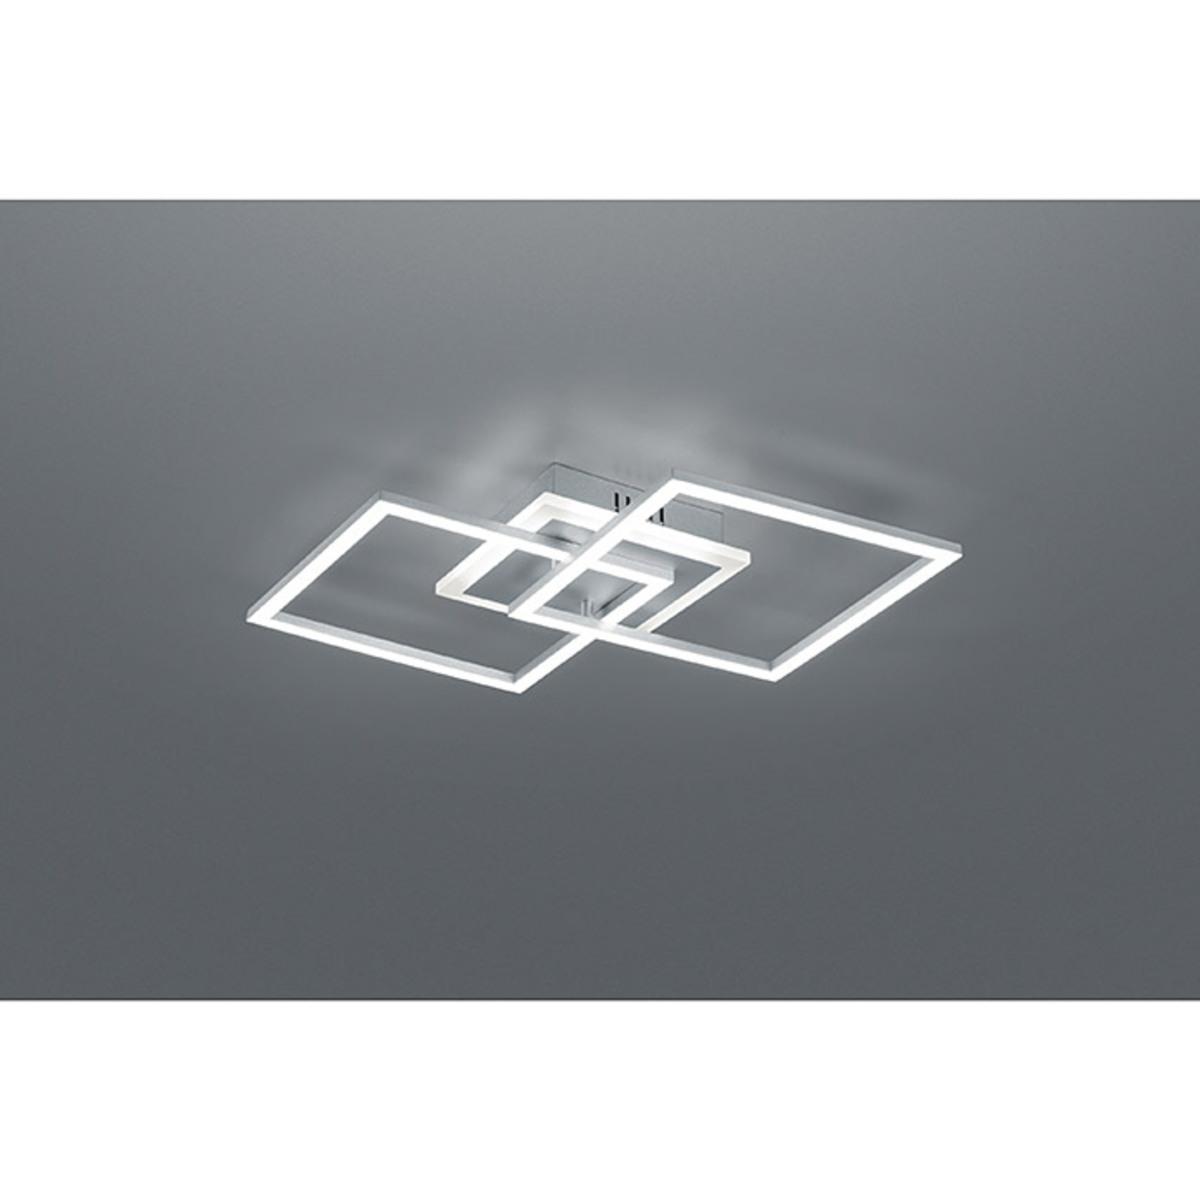 Bild 1 von Reality Leuchten LED-Deckenleuchte Salida